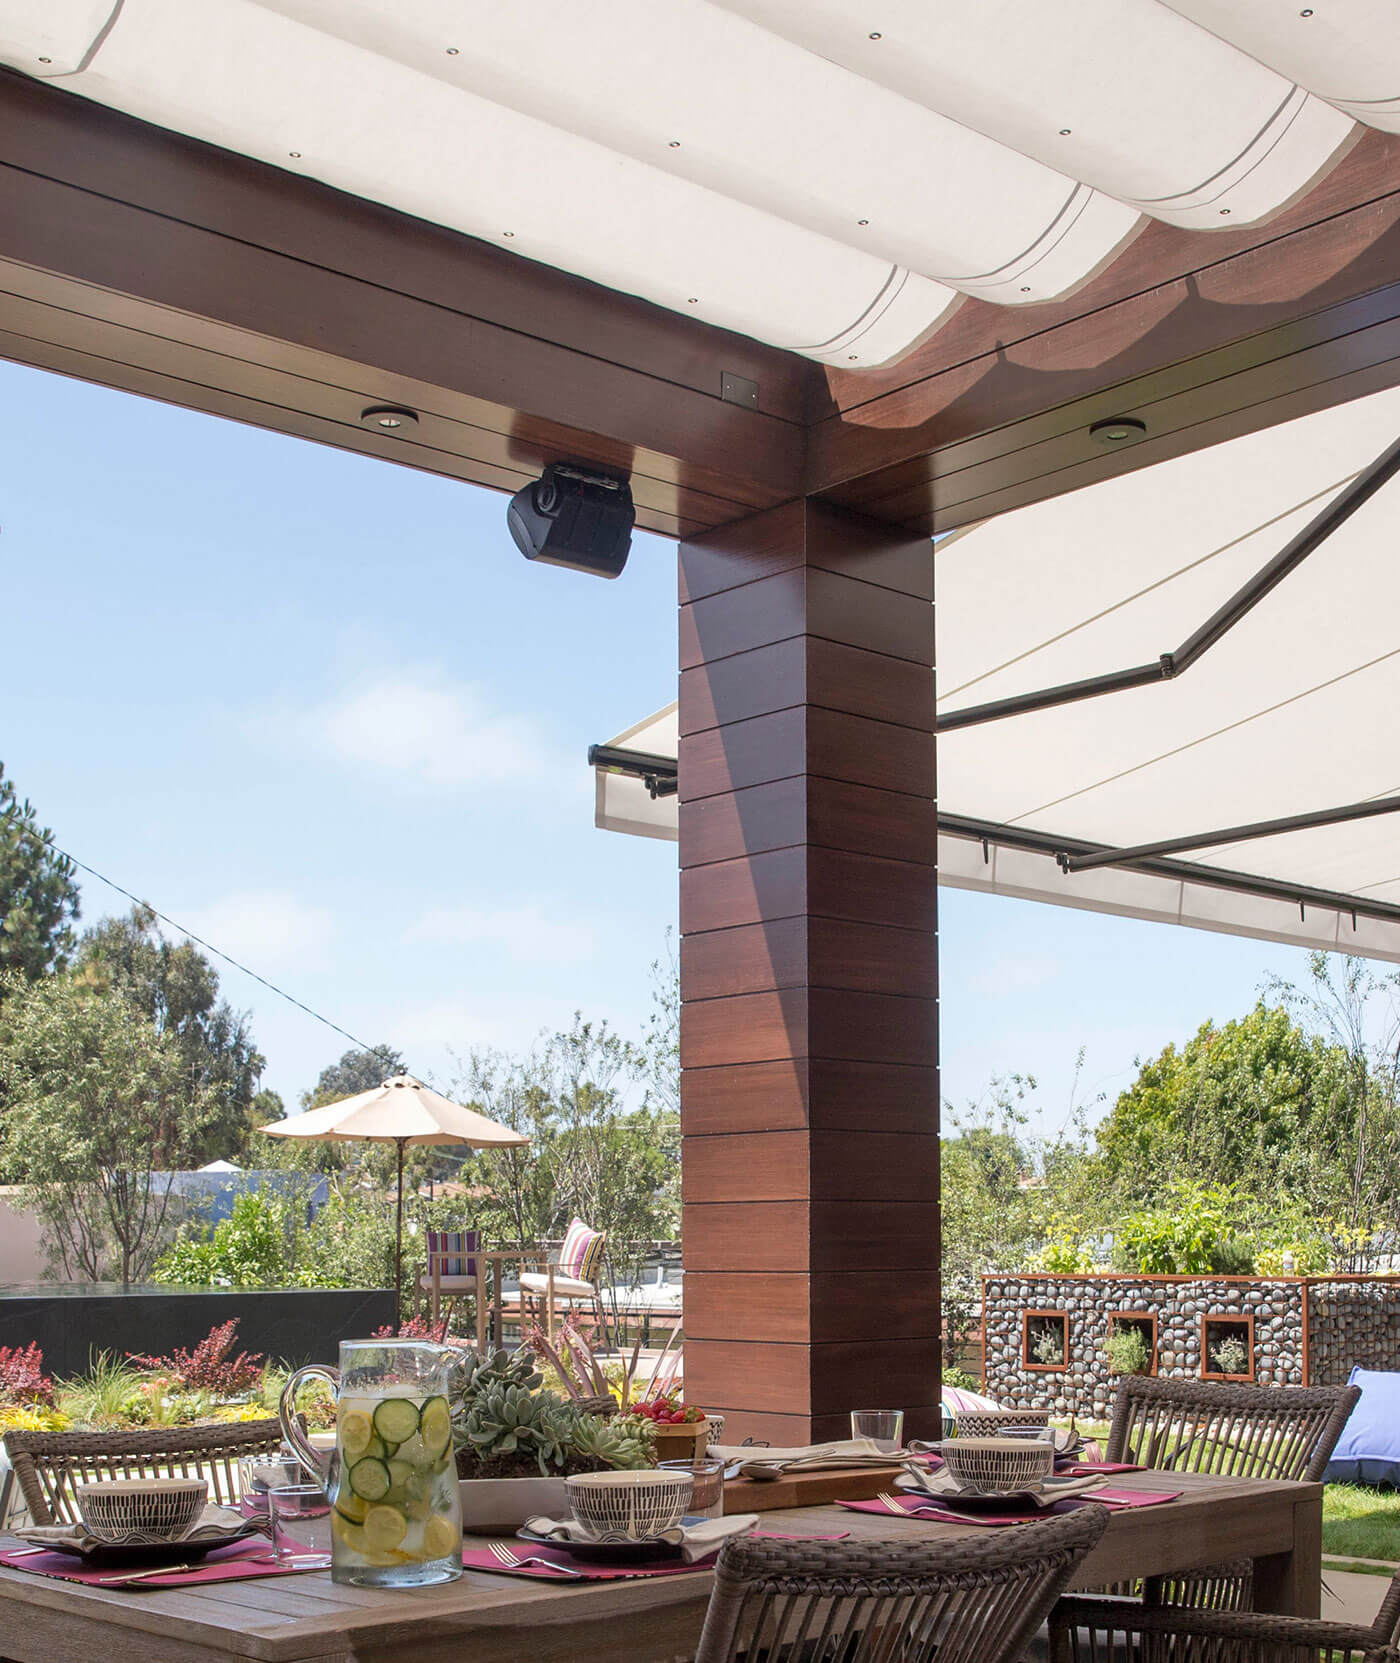 绿廊和由 Sunbrella 织物制成的可伸缩遮阳蓬为露台遮阴